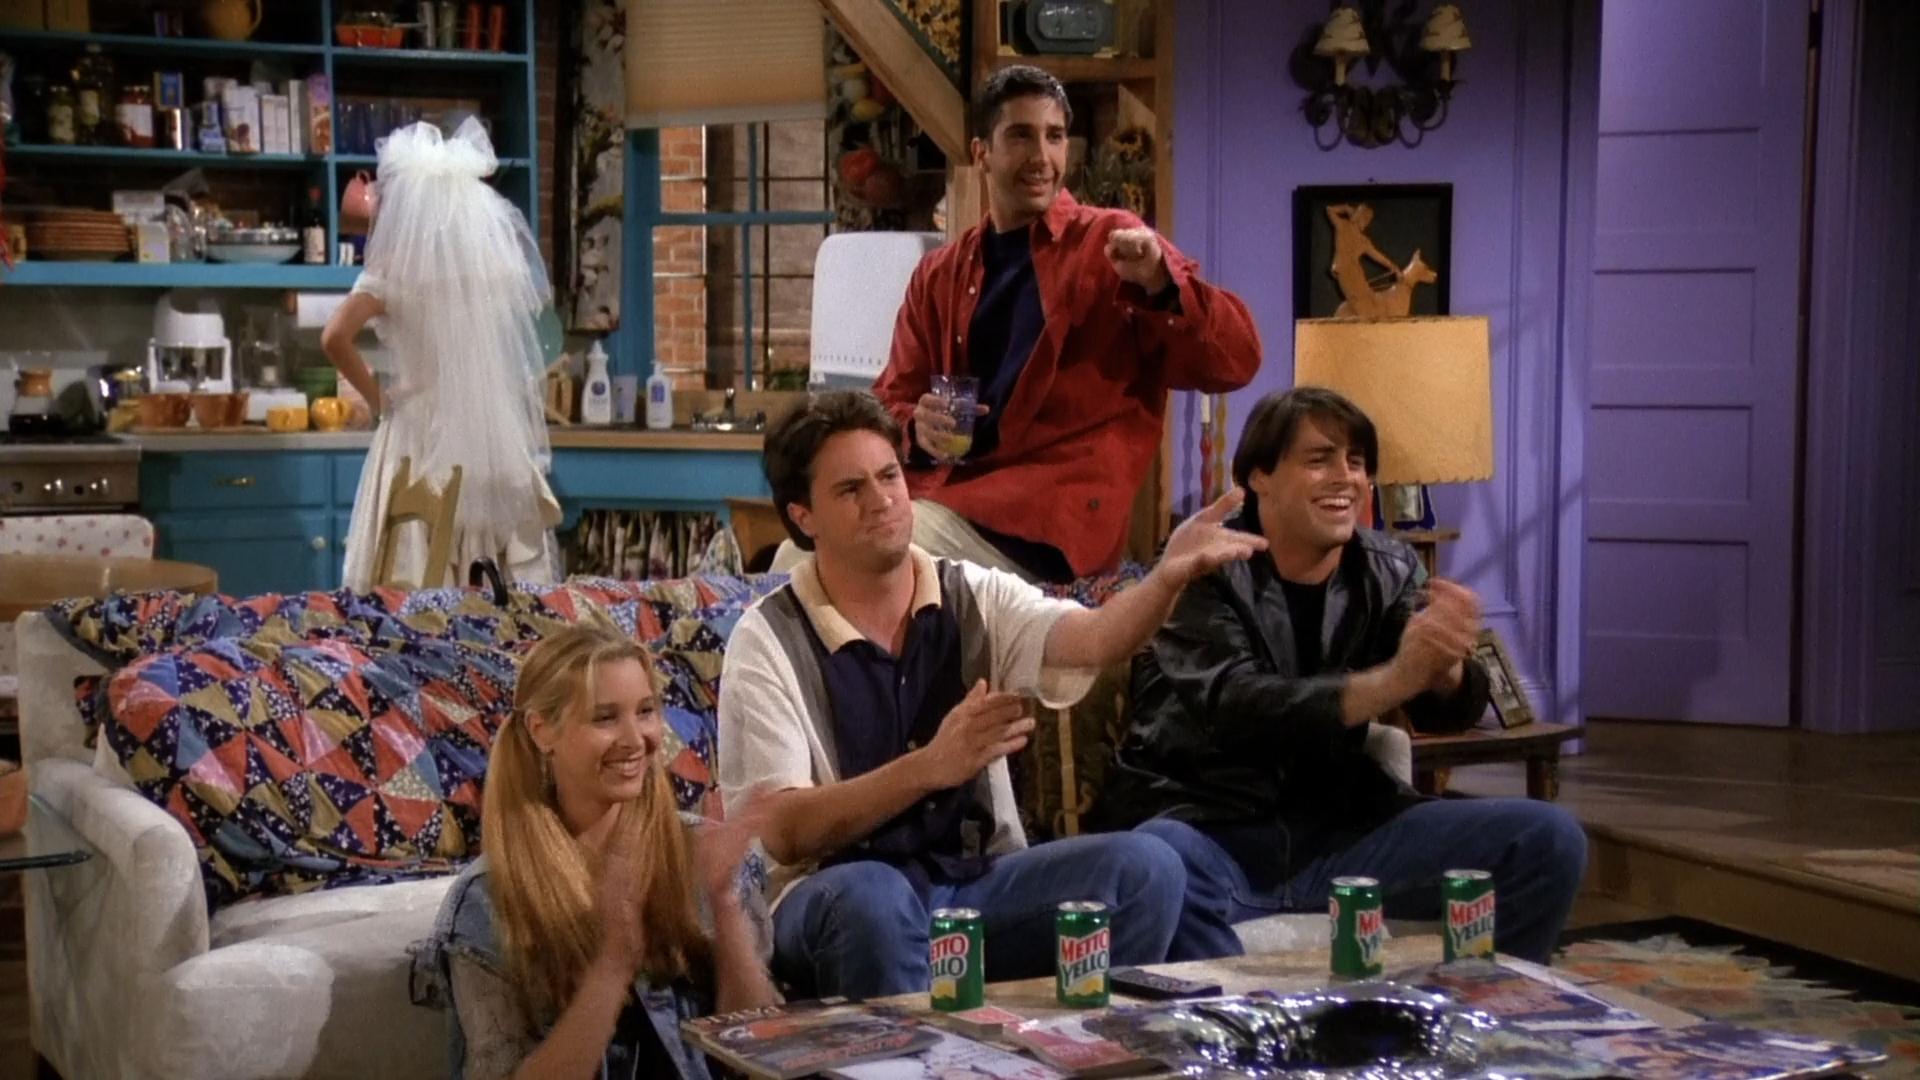 Друзья (friends, 1995): 1 сезон, 6 серия , стр. 2: читать текст, цитаты сериала